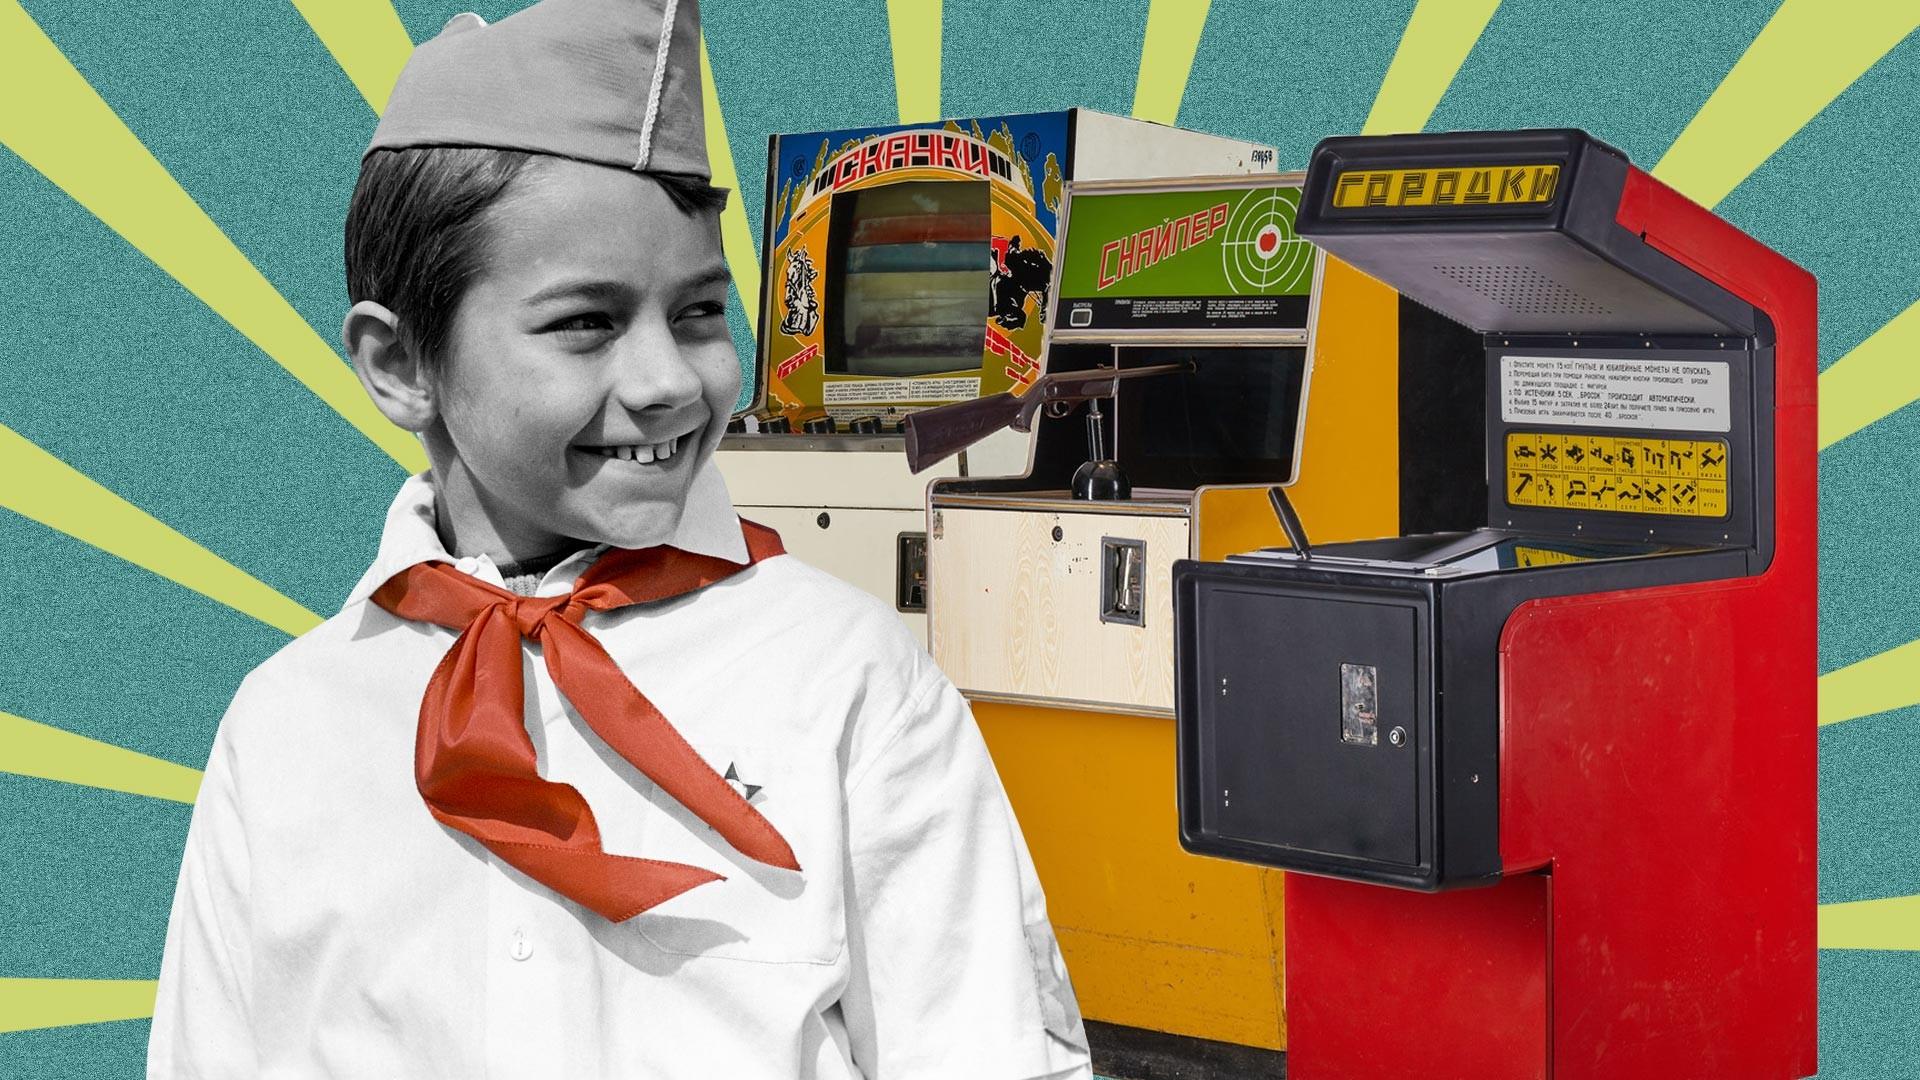 Детские игровые автоматы советские глобал слотс онлайн